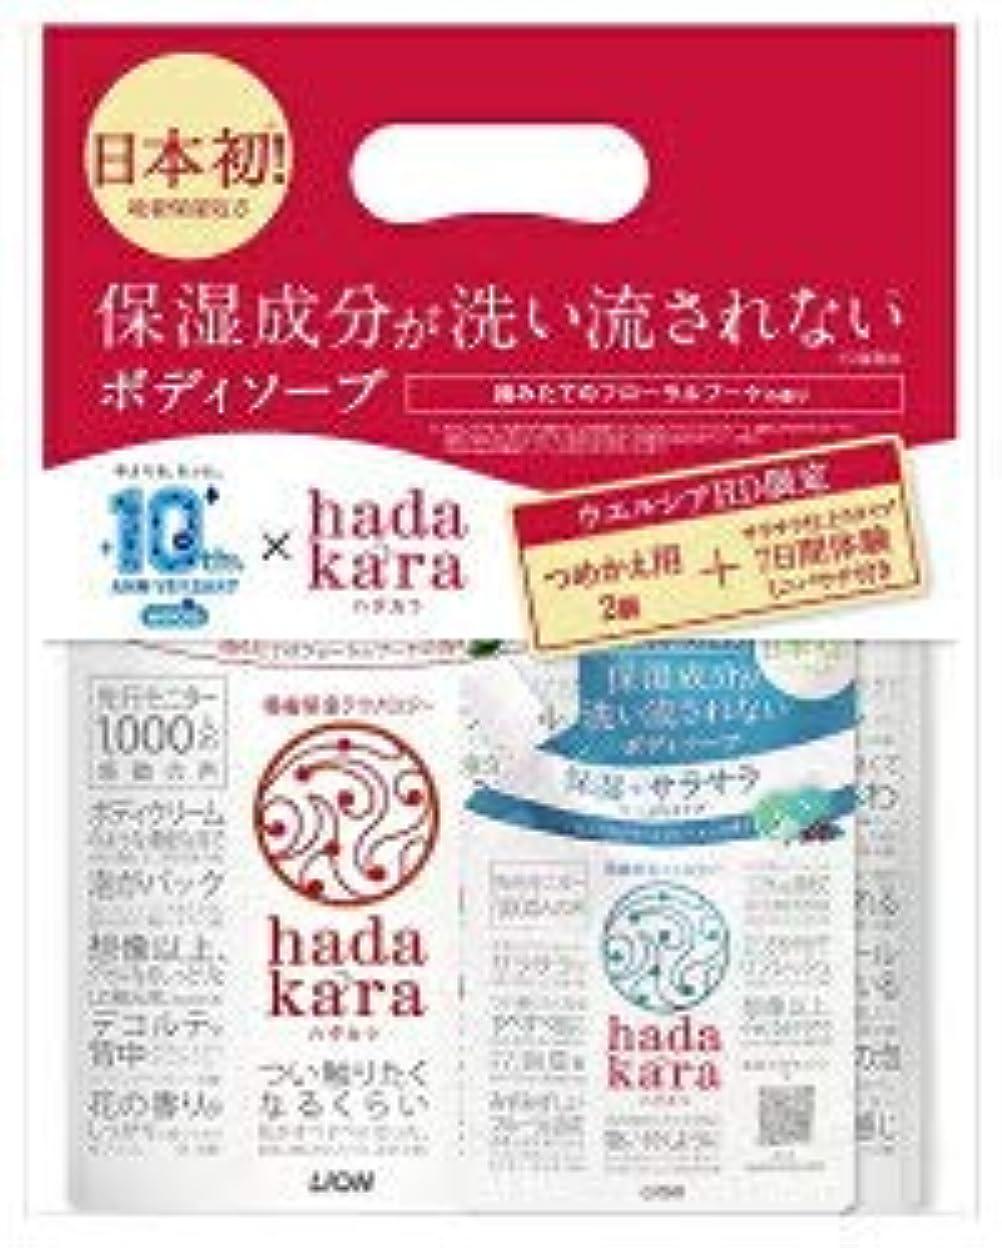 無効にする最愛の冒険家ライオン hadakara フローラルブーケの香り 詰替 2個パック+ミニパウチ ボディソープ 6個セット